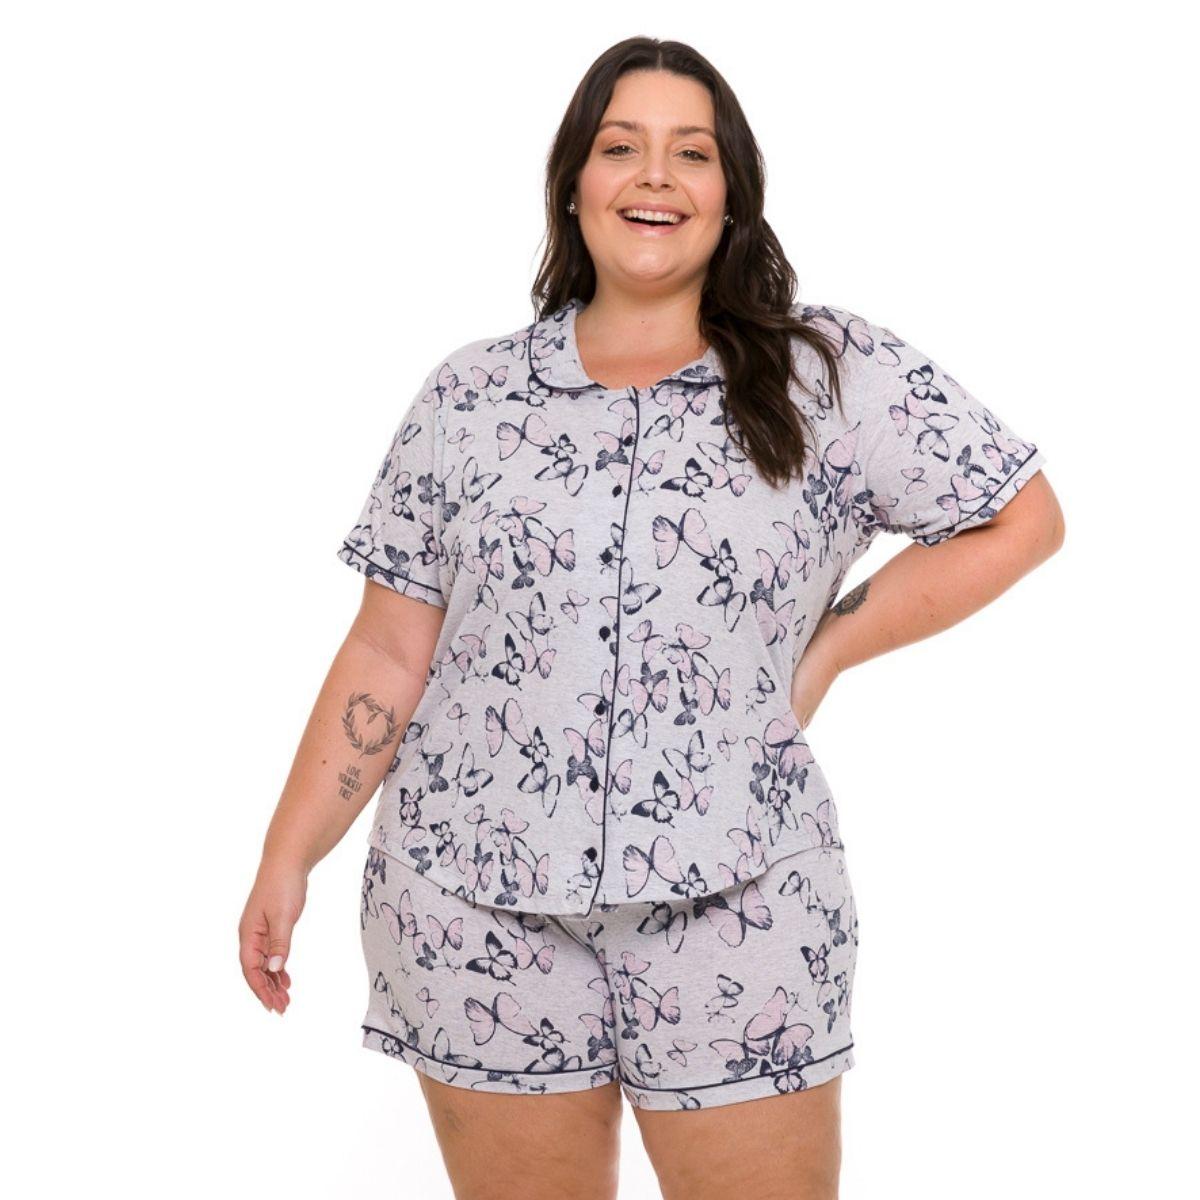 Pijama feminino plus size de botão manga curta amamentação